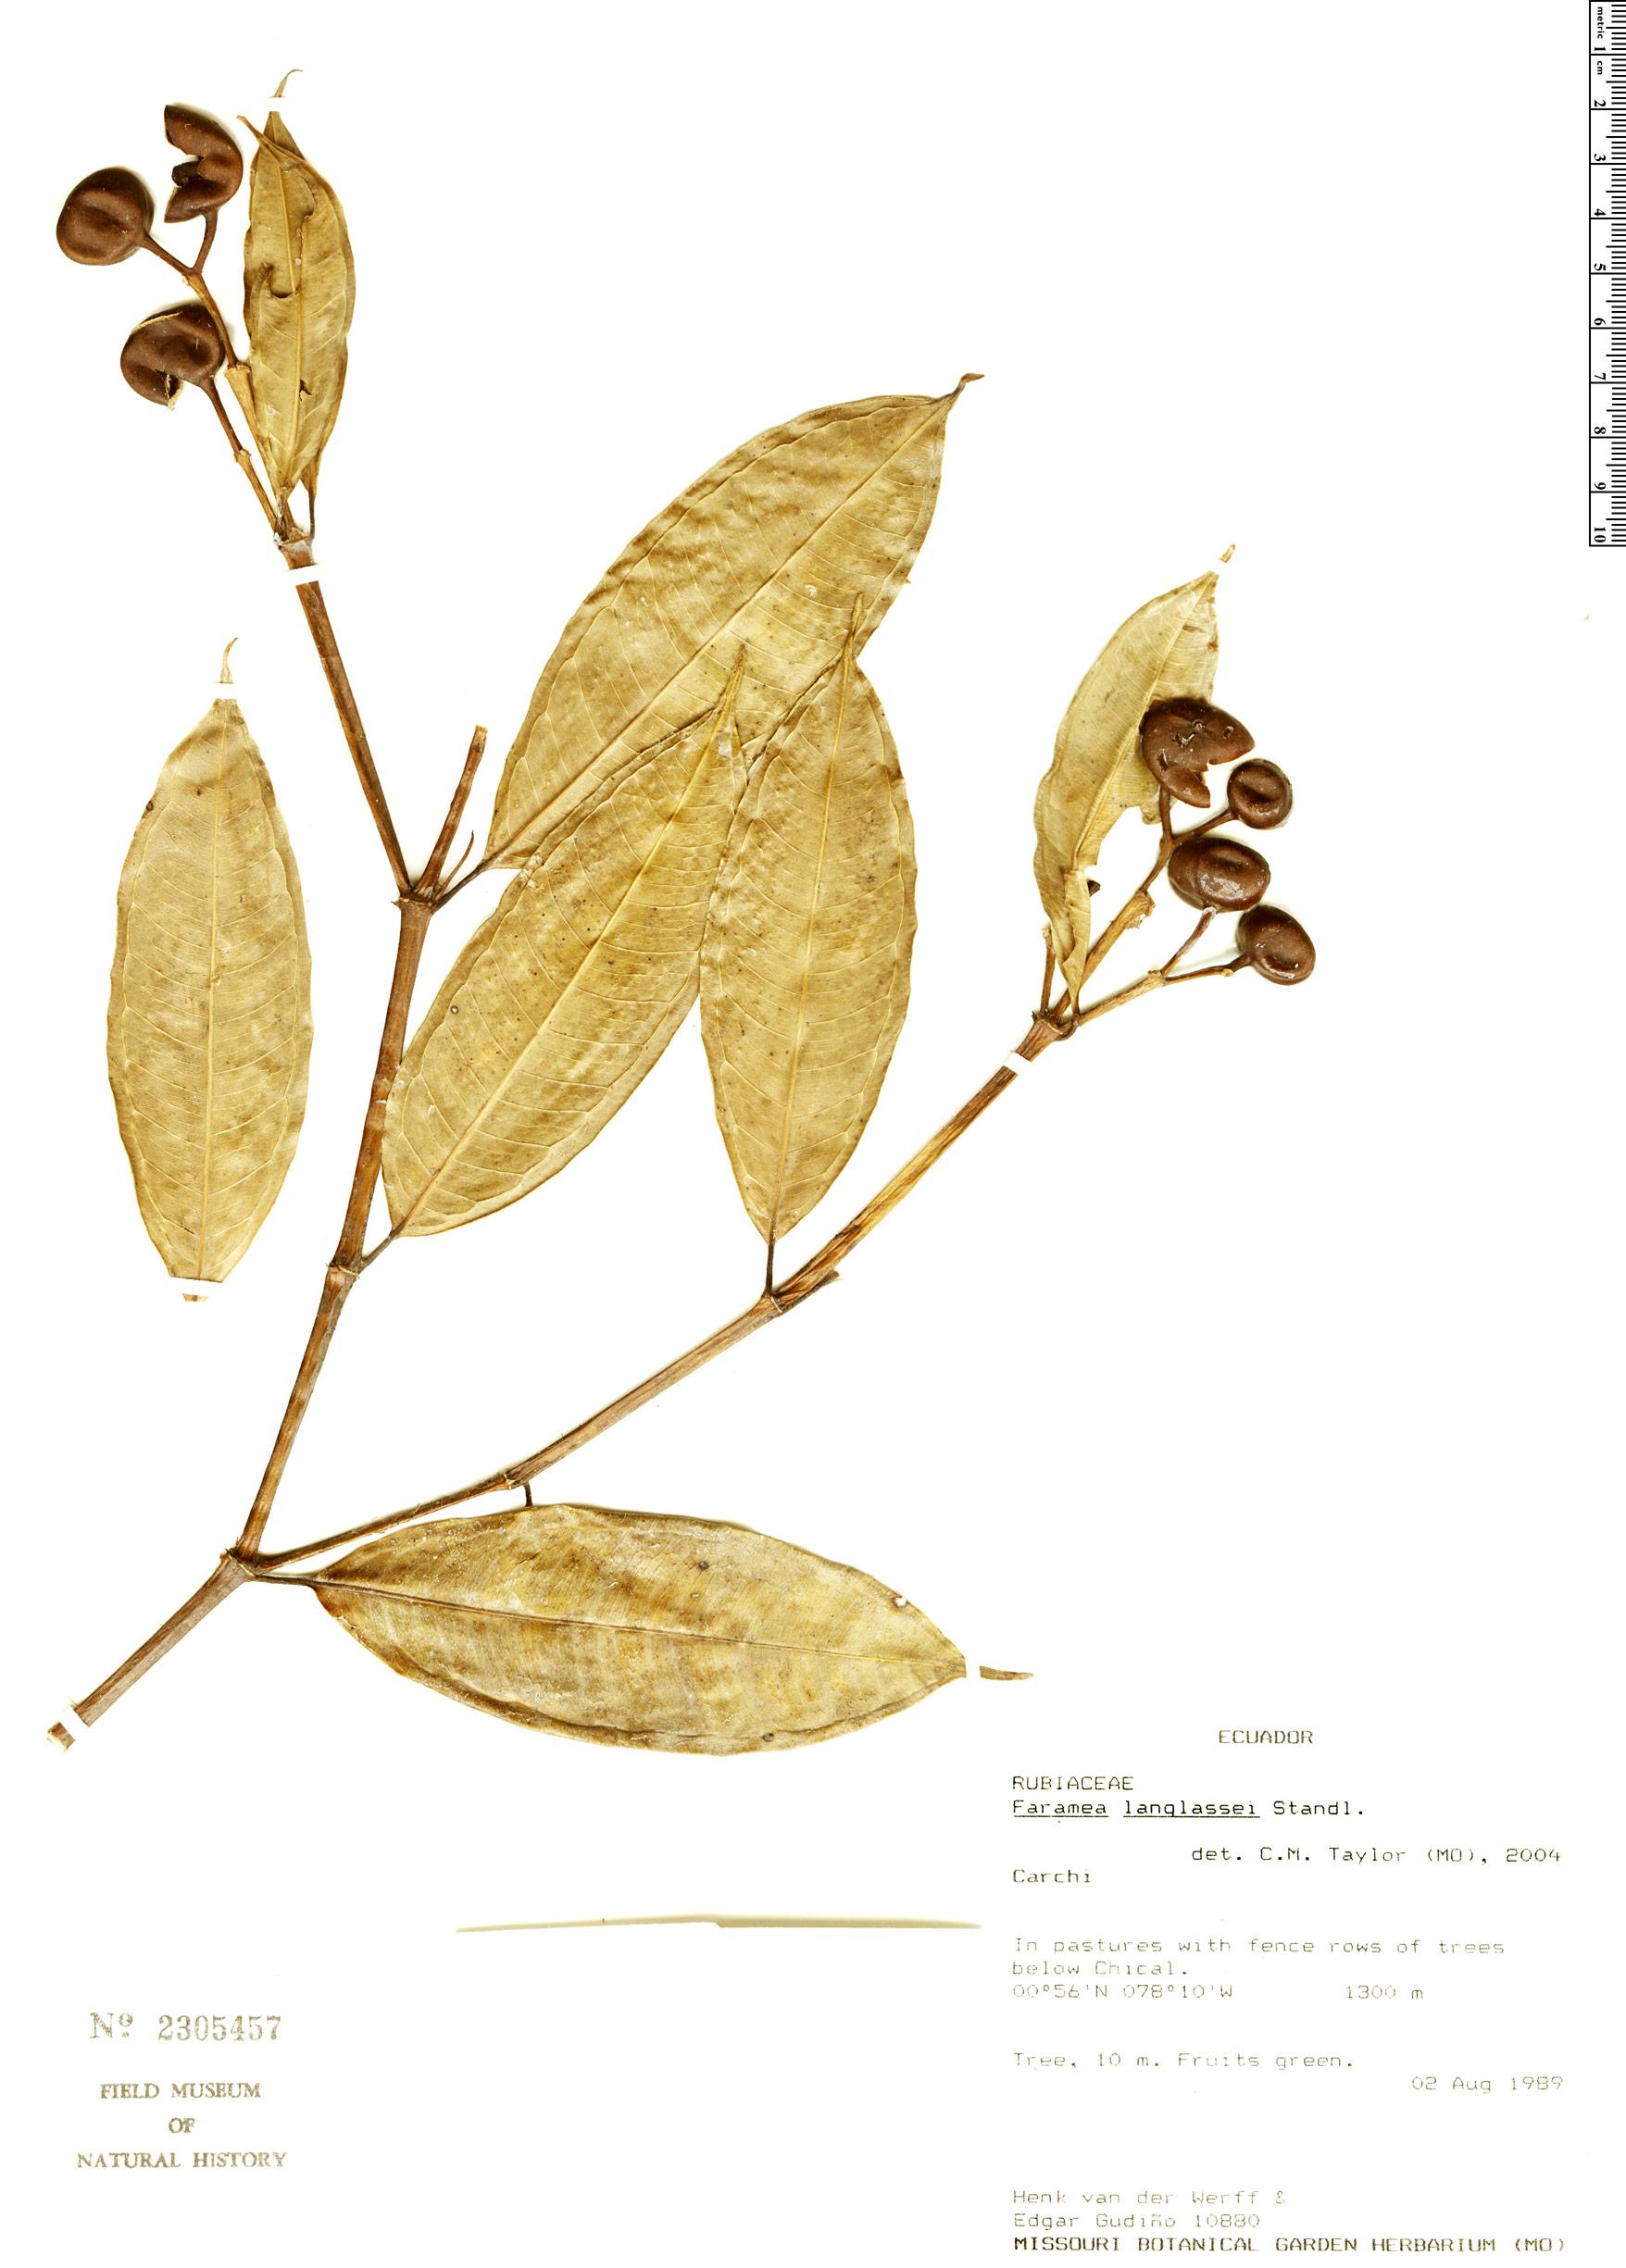 Specimen: Faramea langlassei